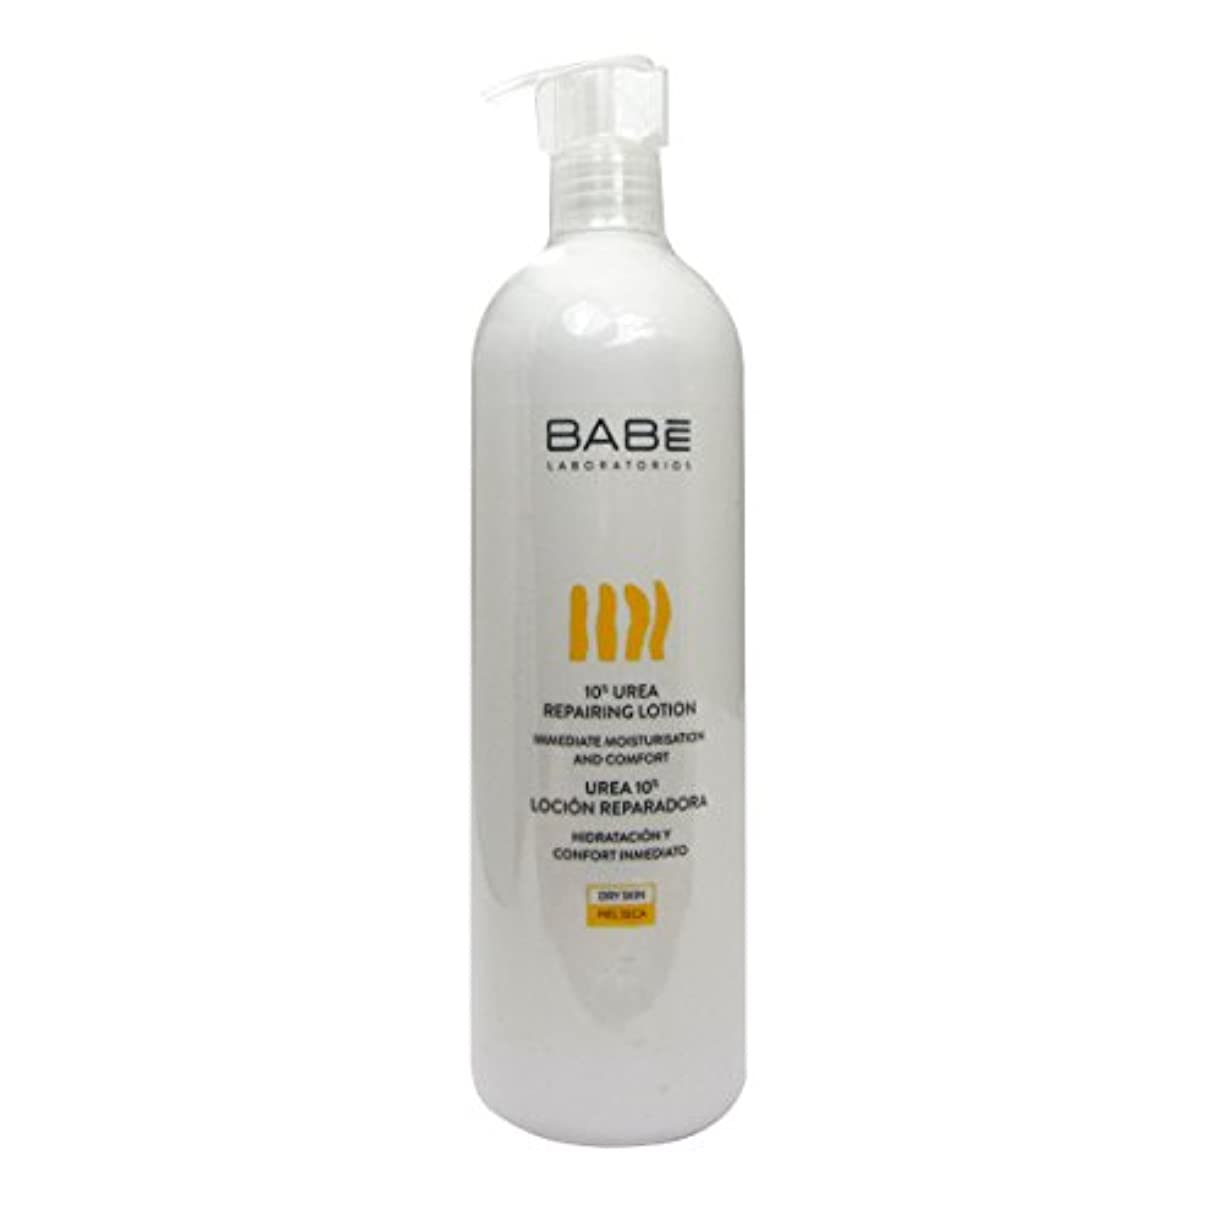 制限された構造商品Babe Repairing Lotion Urea 10% 500ml [並行輸入品]